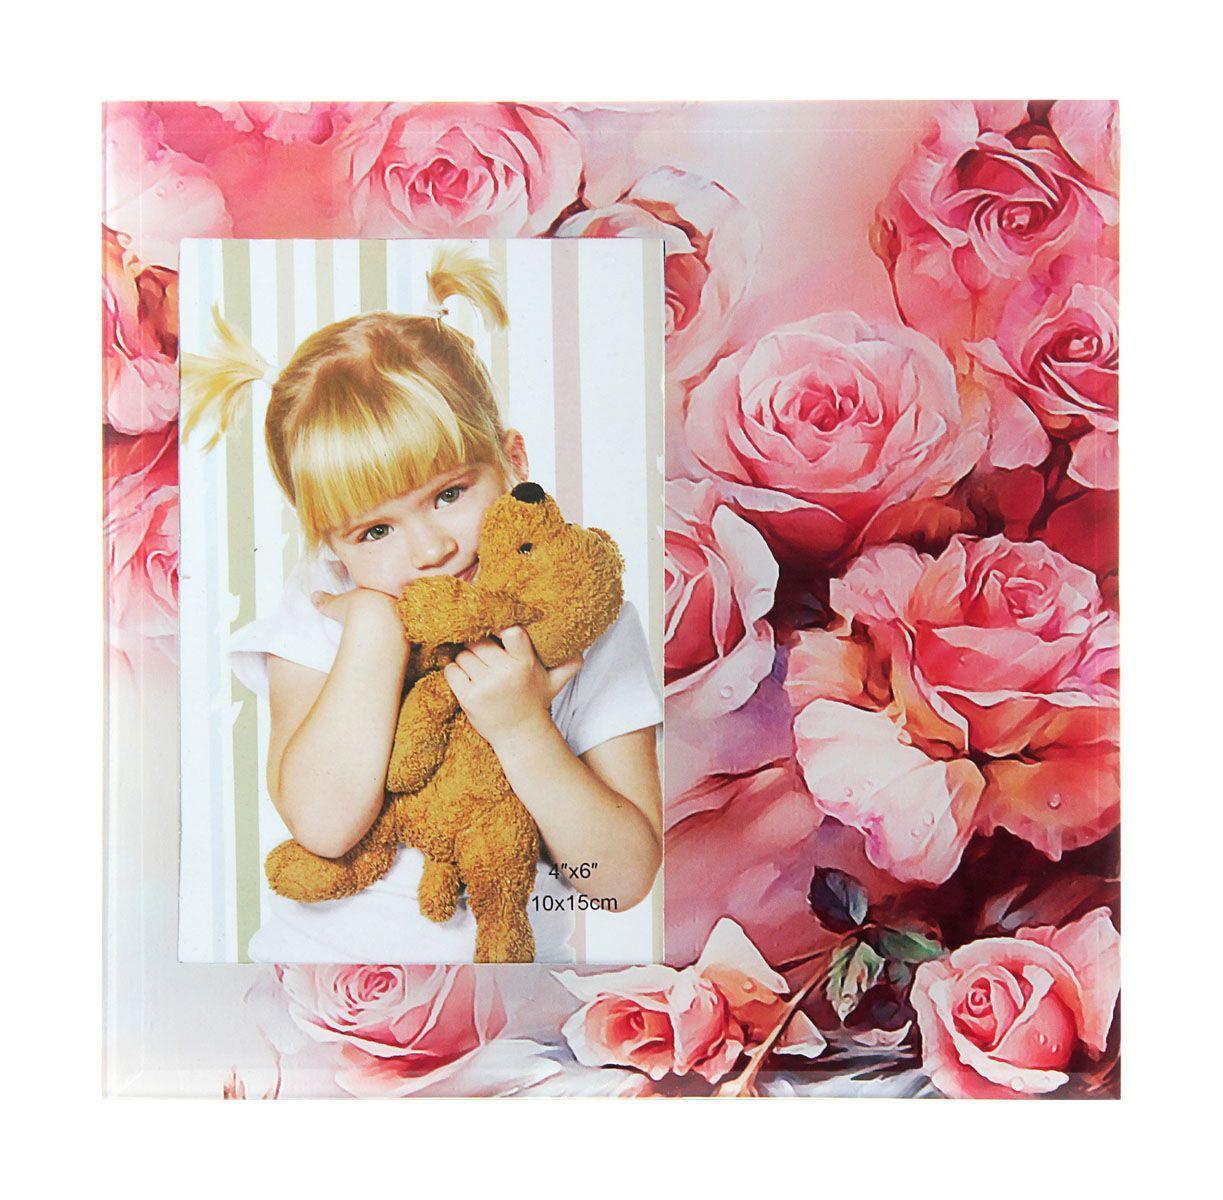 Фоторамка Sima-land Розовые розы, 10 х 15 см137272Фоторамка Sima-land Розовые розы прекрасный выбор для тех, кто хочет сделать запоминающийся презент родным и близким. Поможет создать атмосферу праздника. Такой подарок запомнится надолго. В нем прекрасно сочетаются цена и качество.